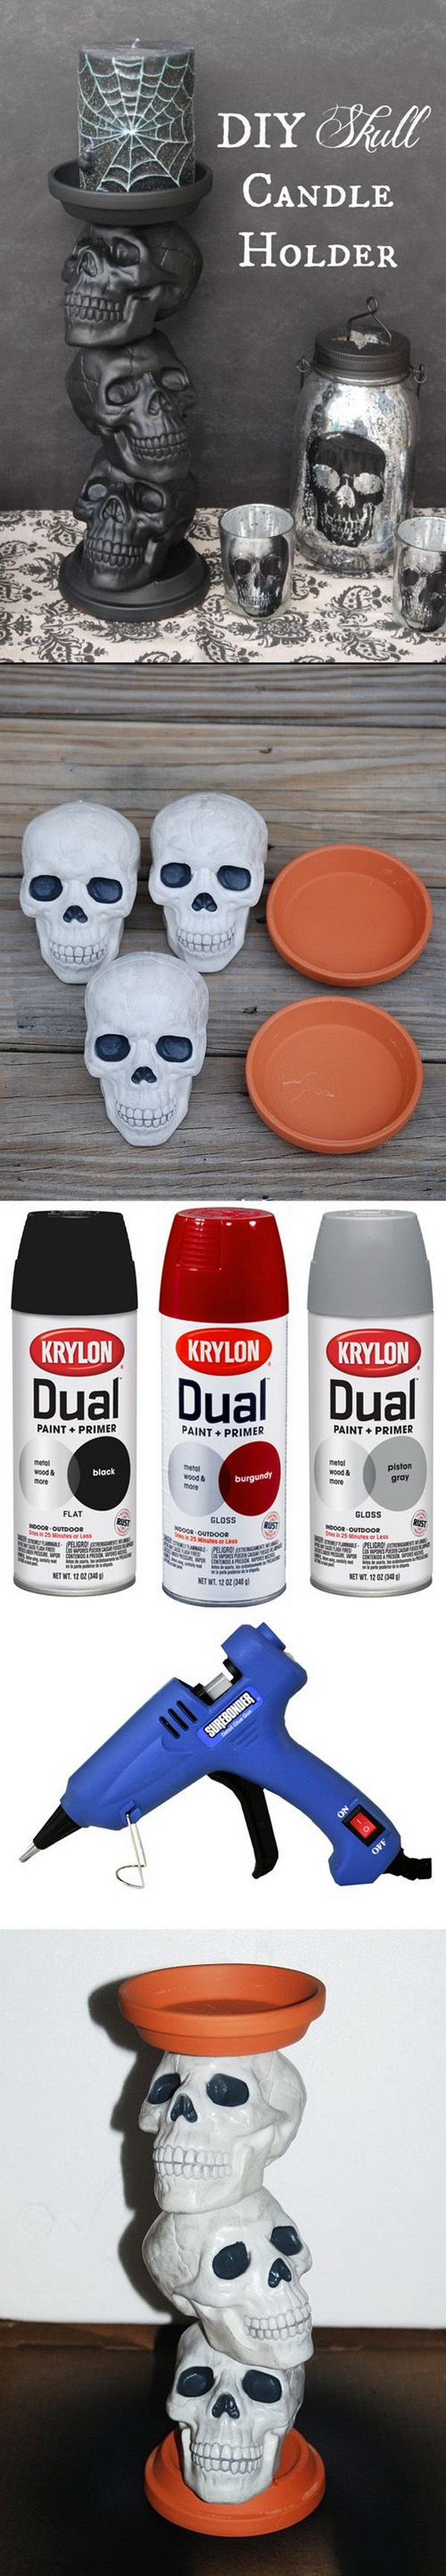 DIY Skull Candle Holder.